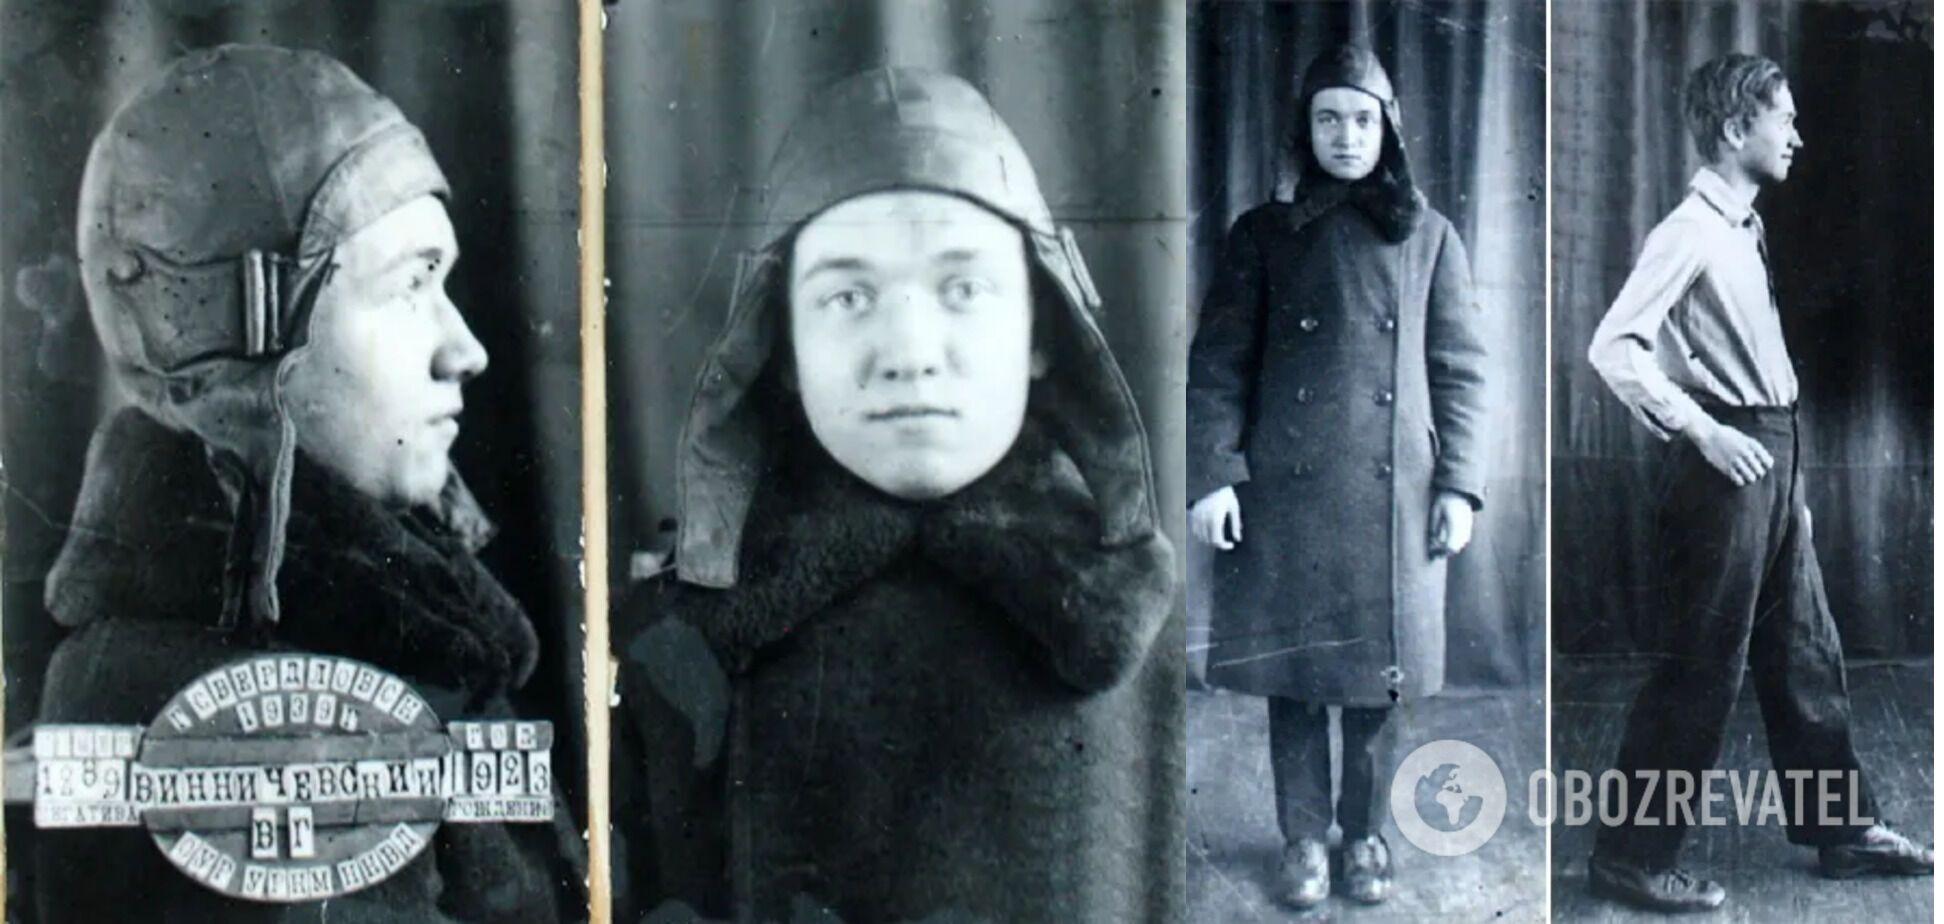 Владимир Винничевский, на второй части фото – в день задержания